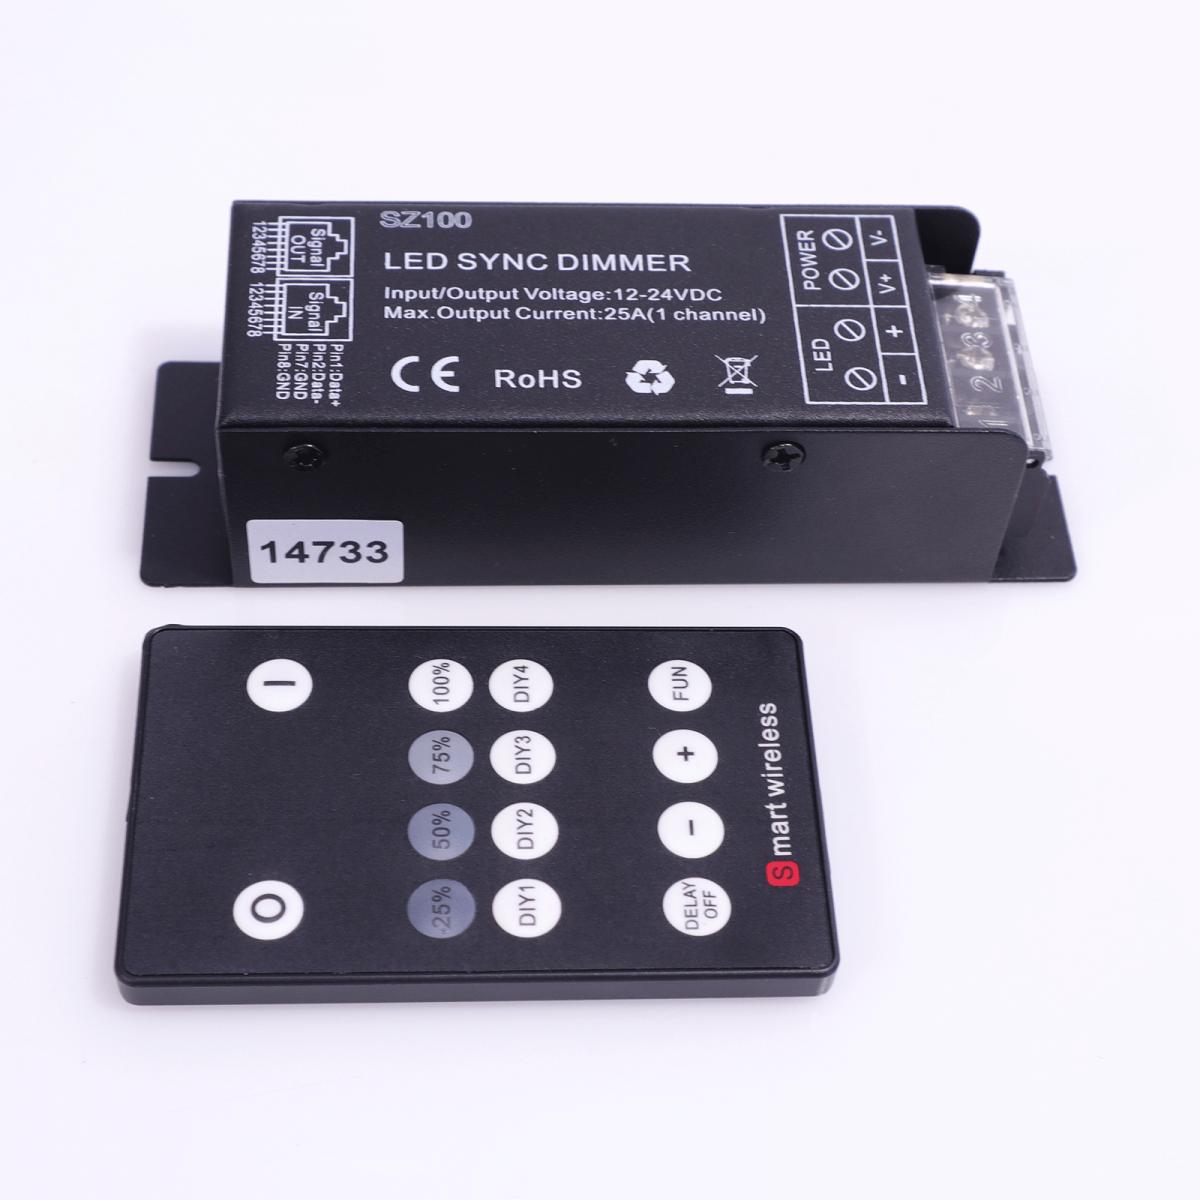 ŚCIEMNIACZ LED RF WIRELESS 300 W | 12-24 V